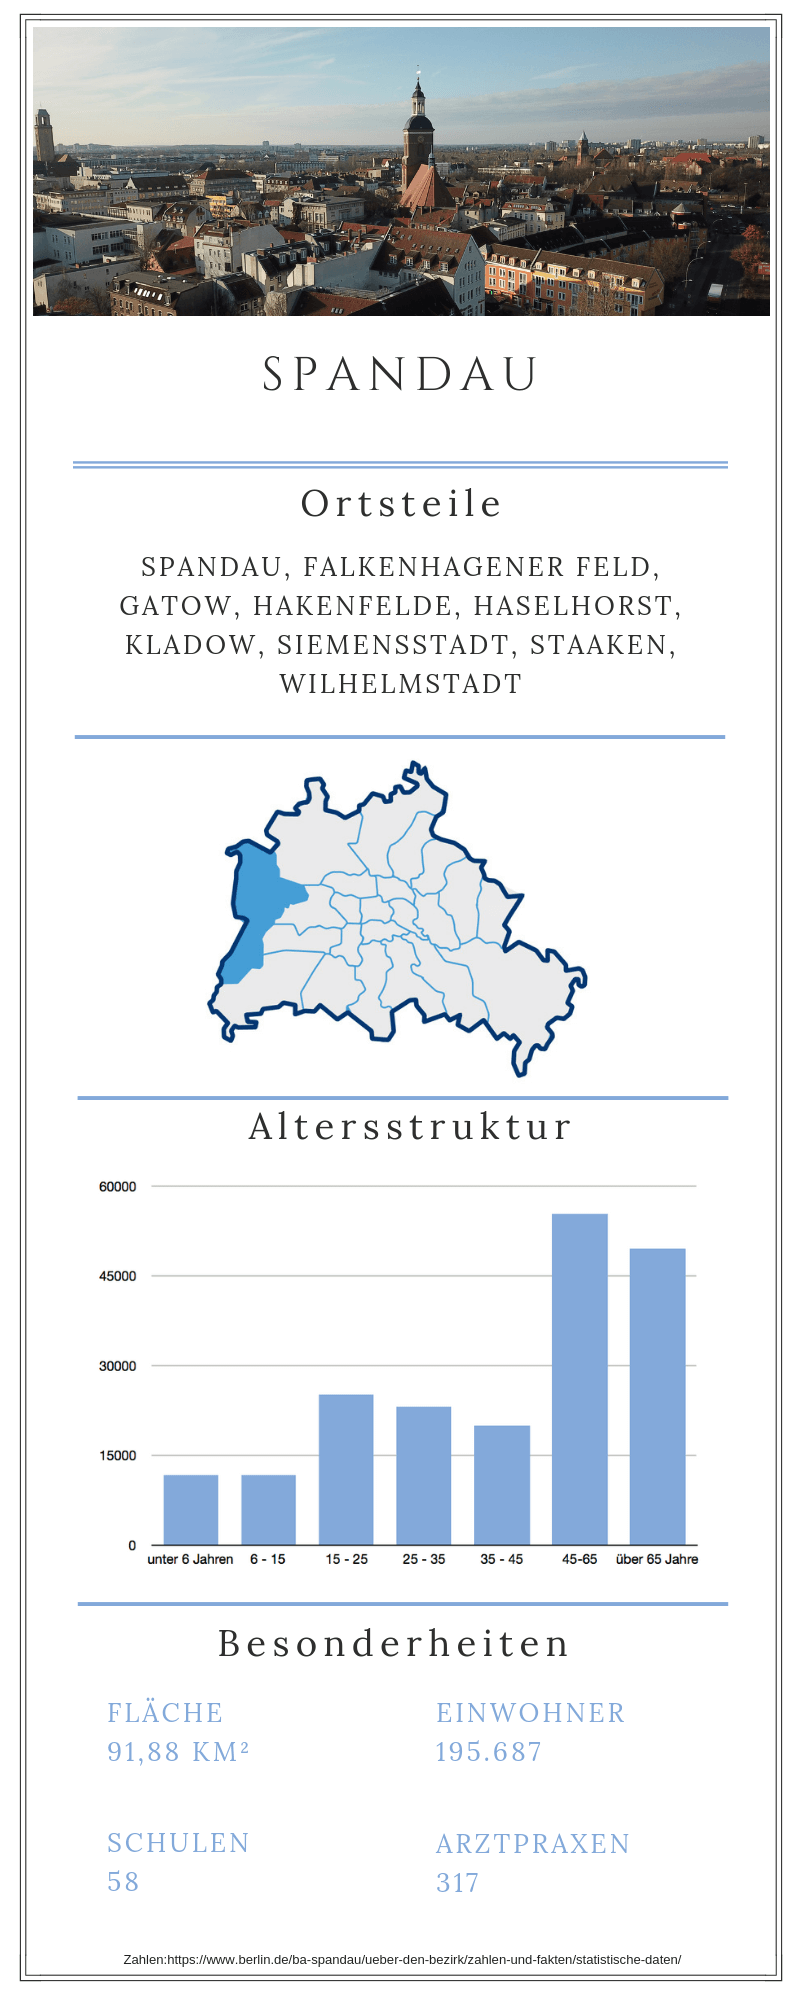 Grafische Darstellung zum Berliner Bezirk Spandau